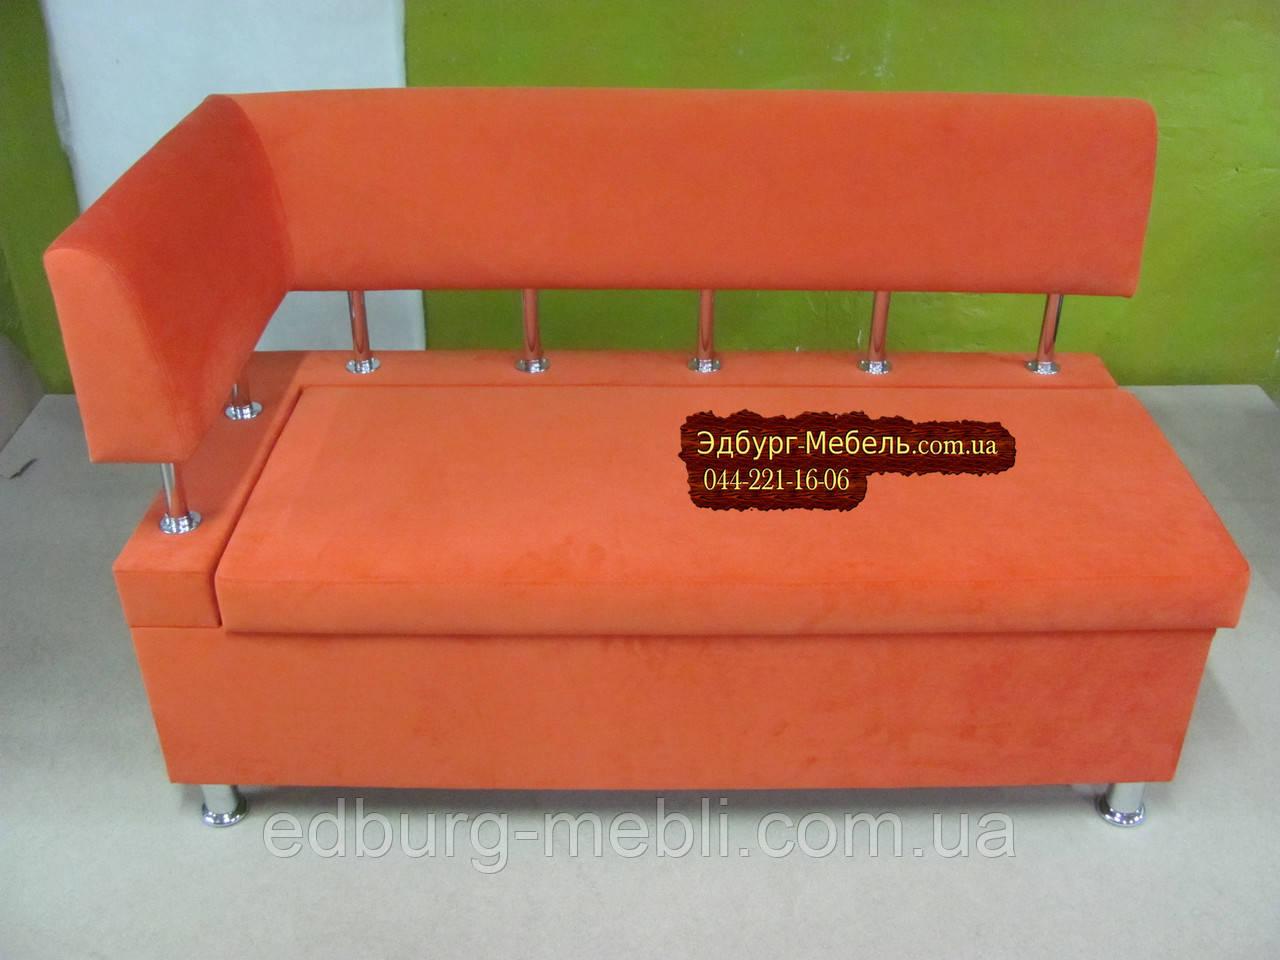 Диван для кухни Экстерн 1200х550х850мм антикот - Эдбург-мебель производcтво мягкой мебели  в Киеве